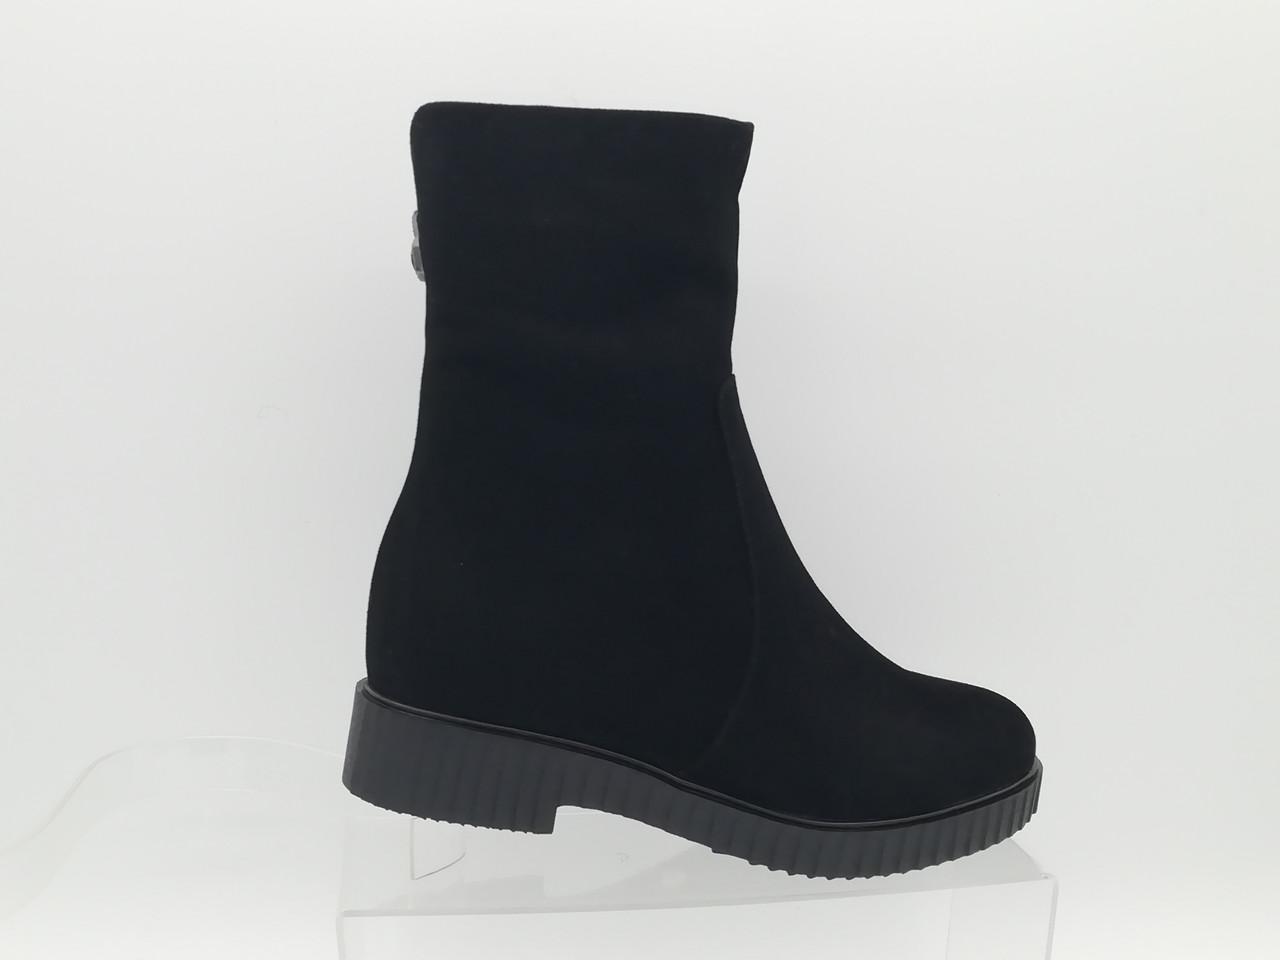 Черные замшевые  зимние ботиночки на толстой подошве. Erisses. Маленькие (33 - 35) размеры.